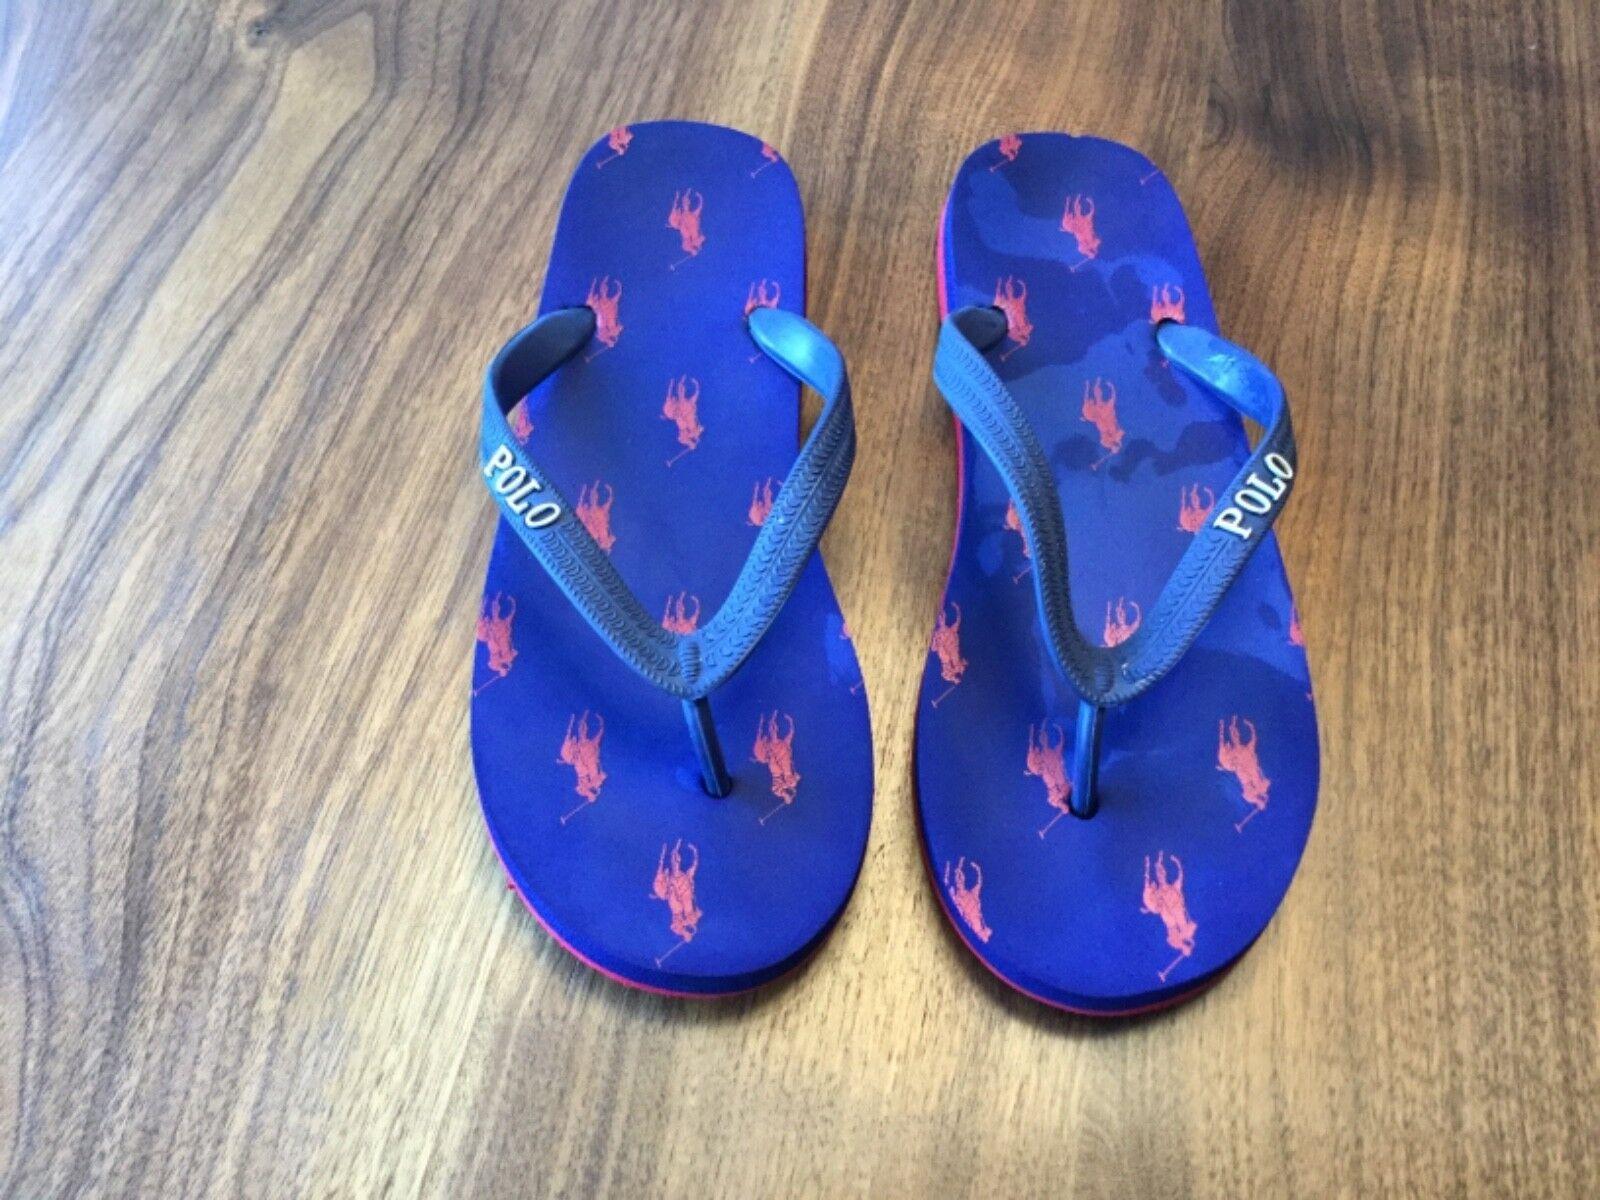 Ralph Lauren Polo Flip Nice Flops. Size US 6/7. Nice Flip condition. Designer. 026659